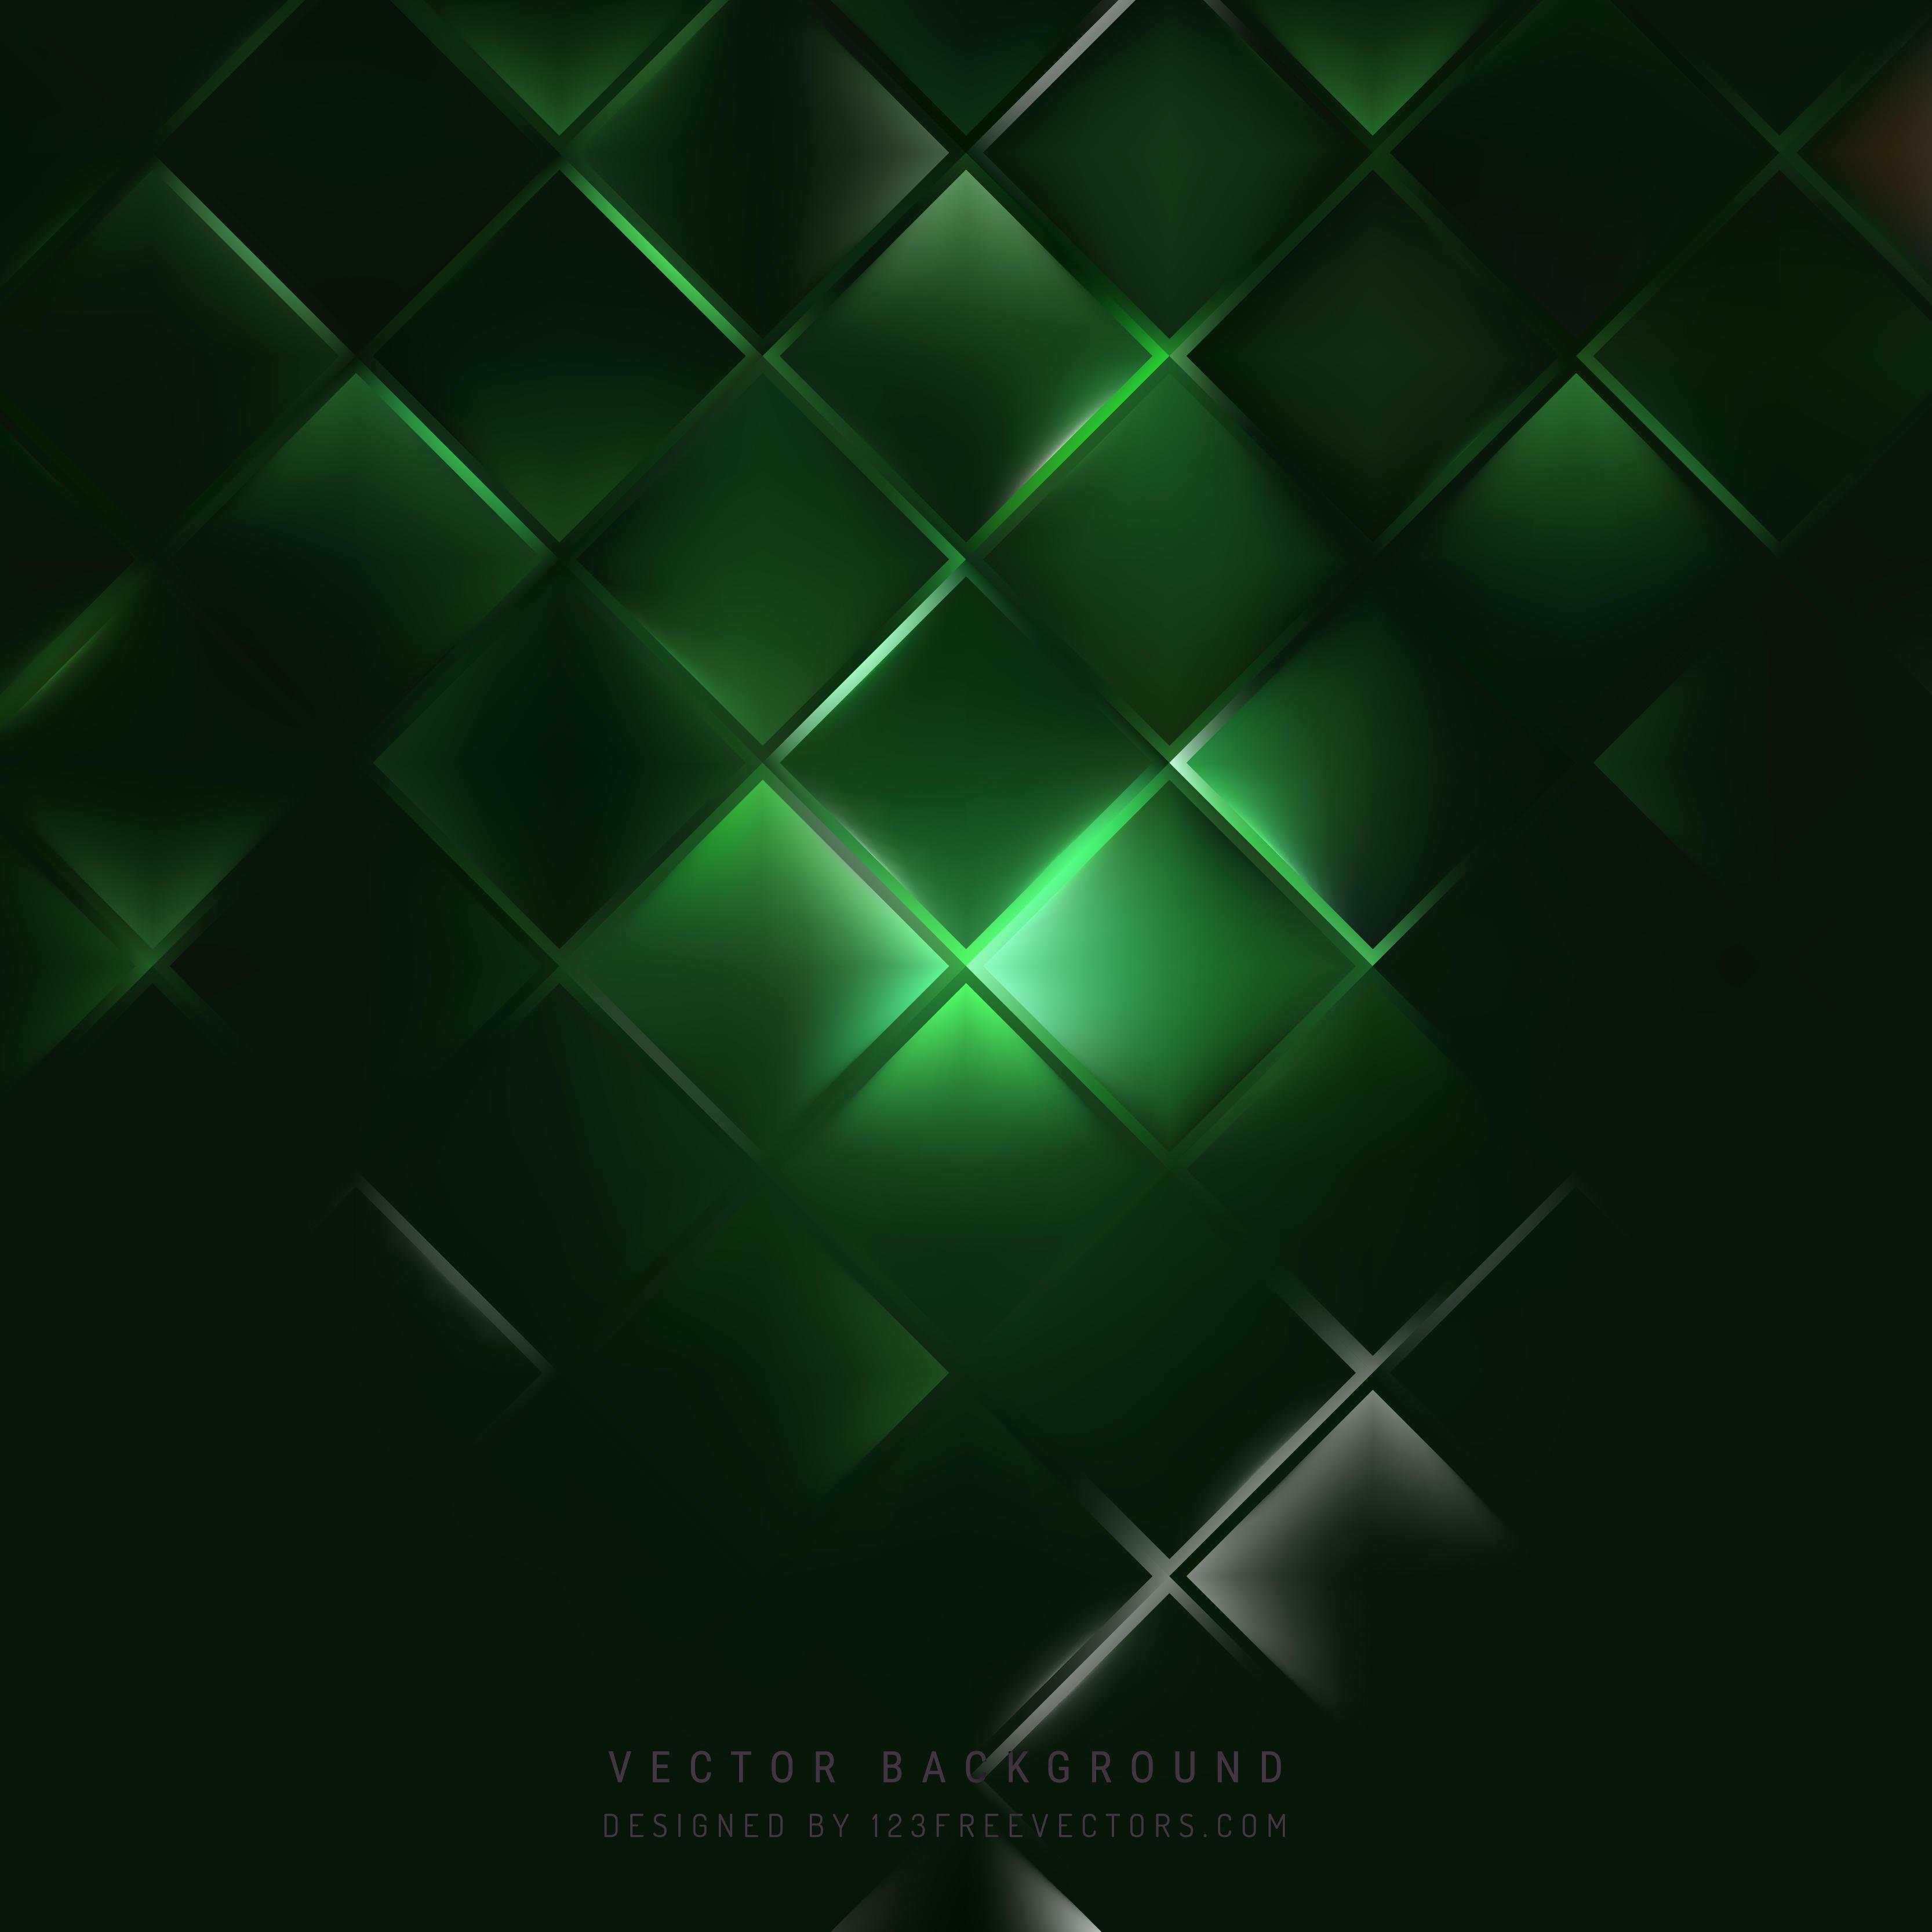 Green Square Wallpaper Dark Green Square Back...